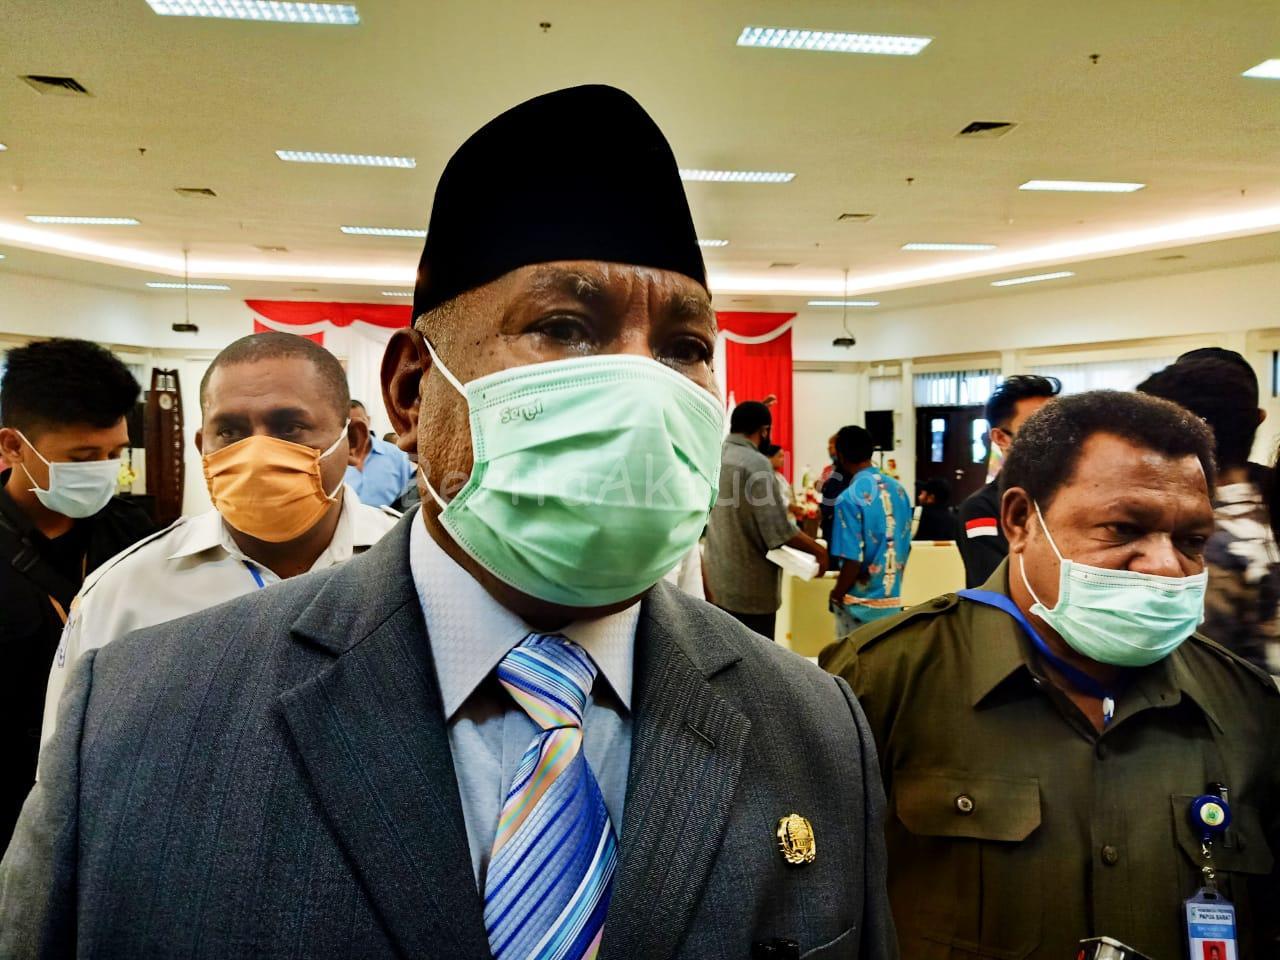 Mandacan: Papua Barat Siap Ikuti New Normal Jika Ada Instruksi Dari Pusat 1 IMG 20200528 WA0073